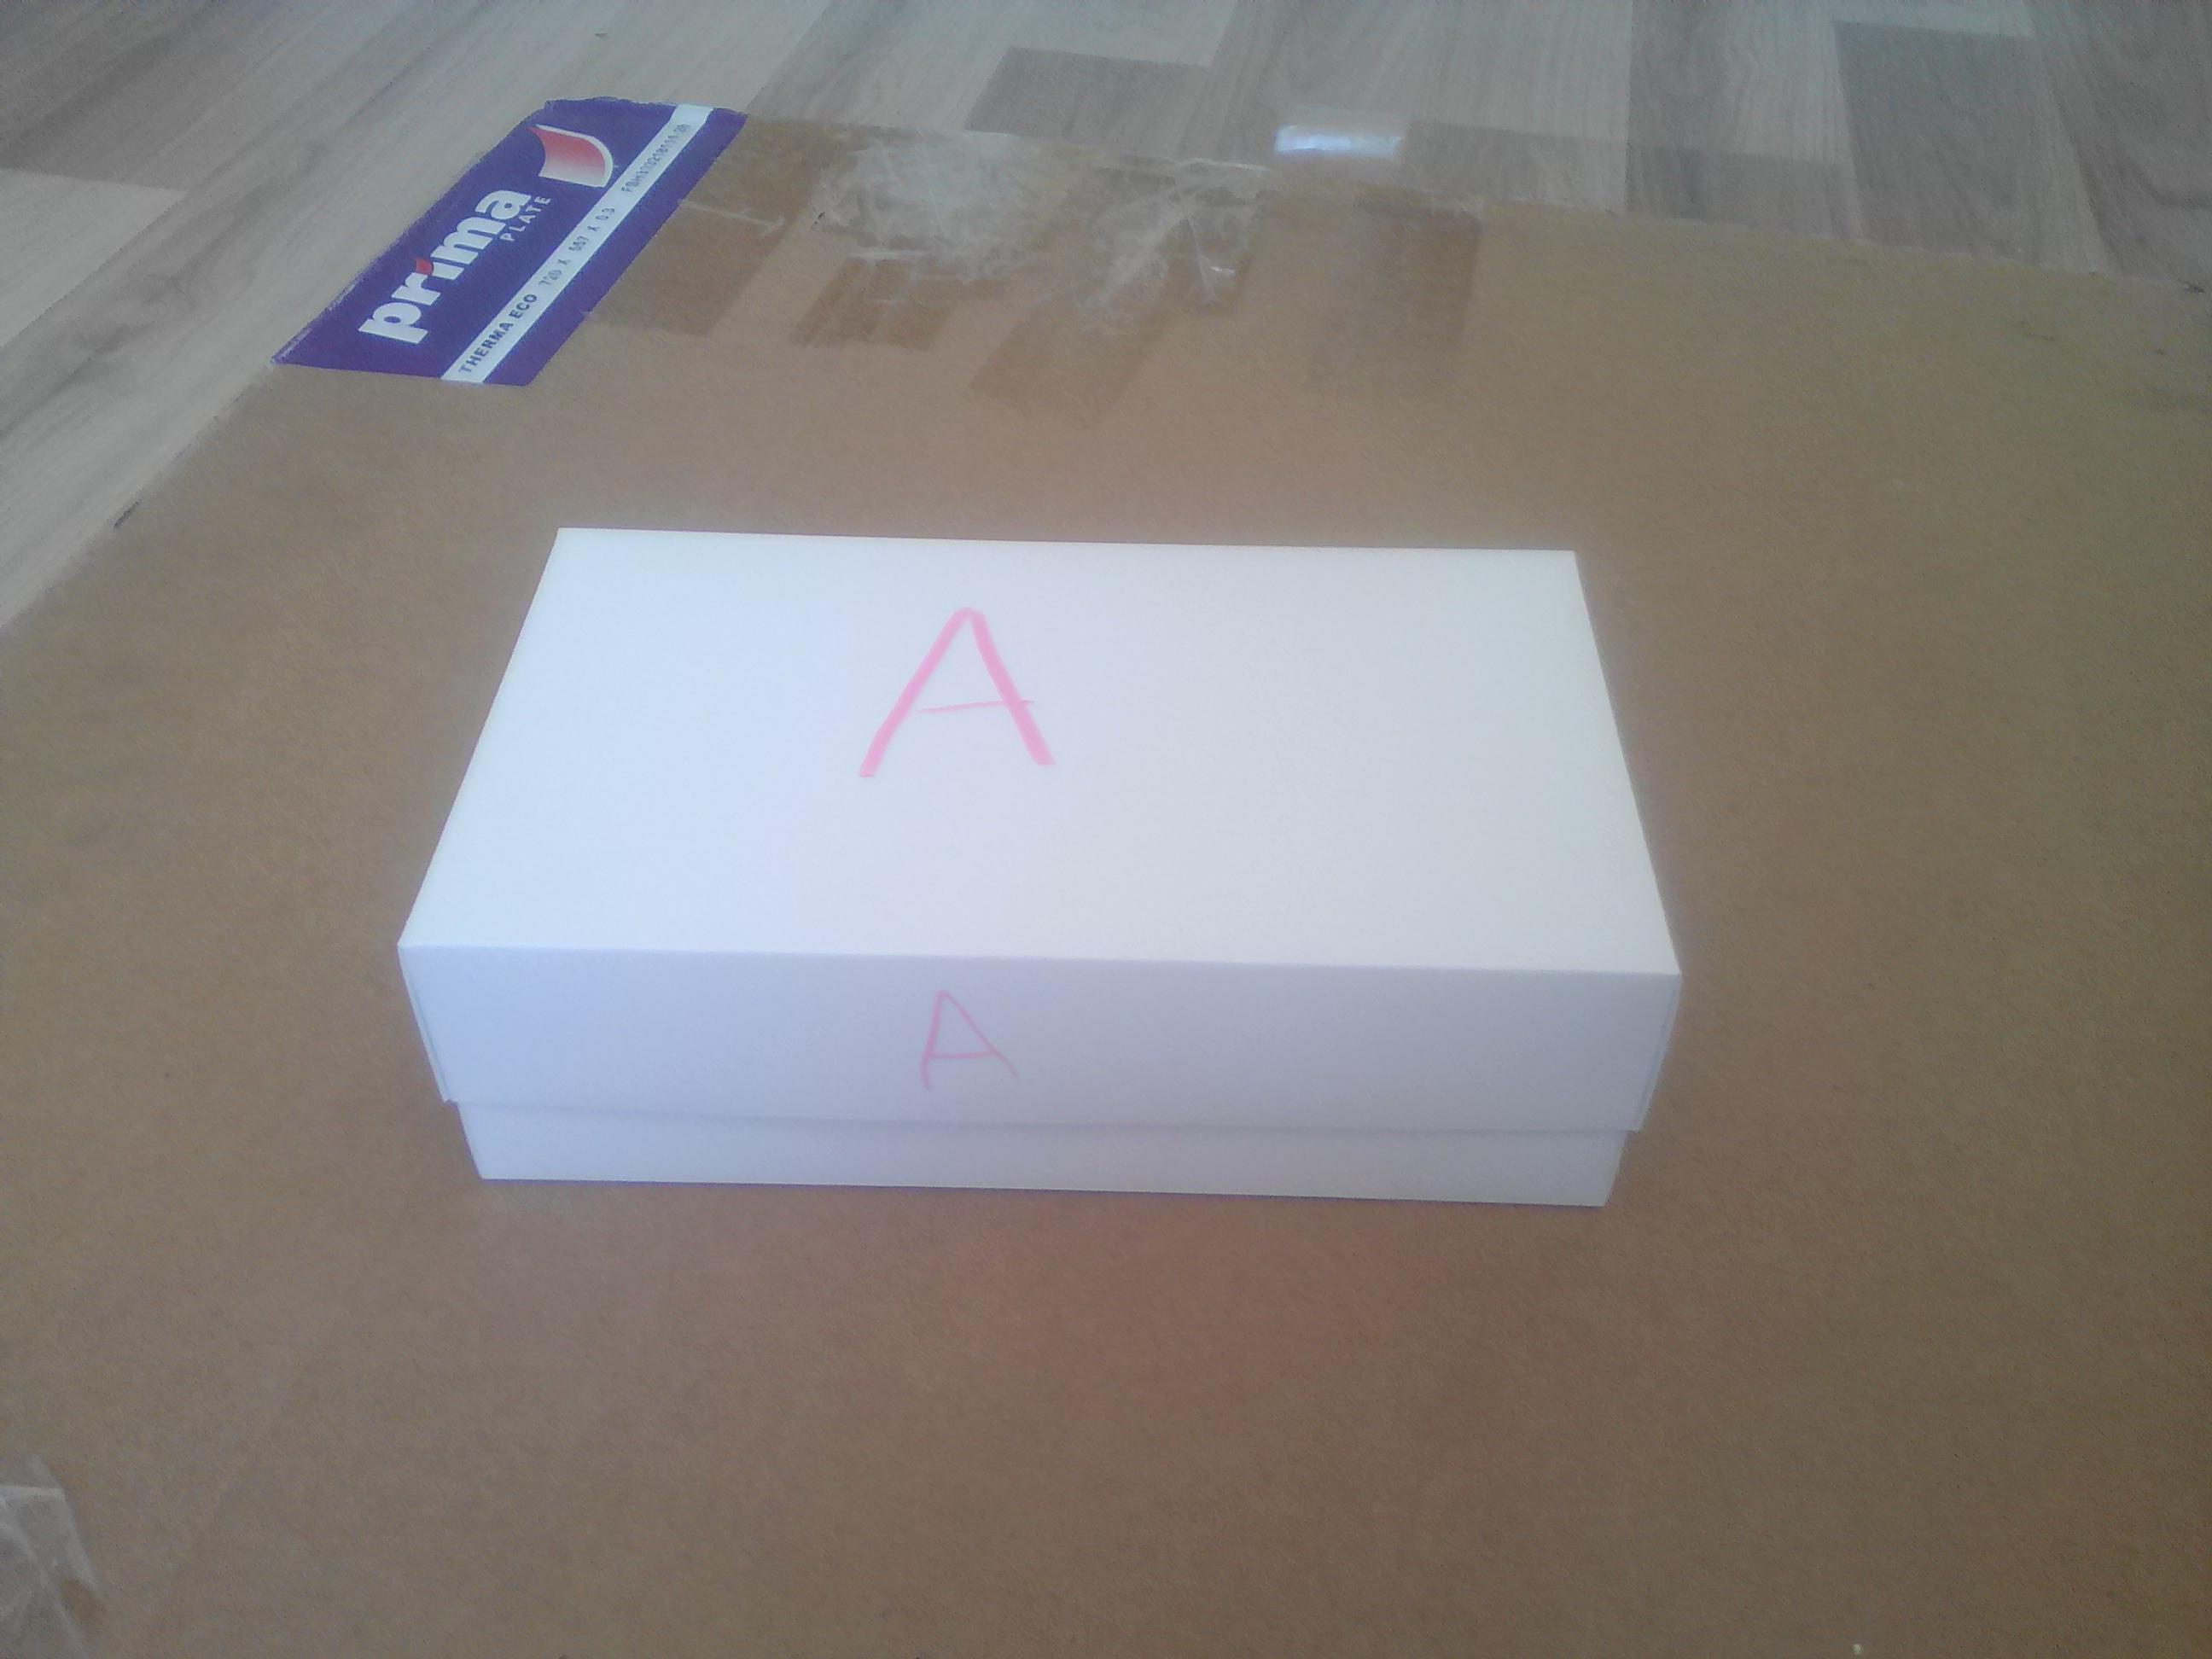 Дизайн коробки сувенирной  чай+парварда (подарочный набор) фото f_6335a5223409e131.jpg